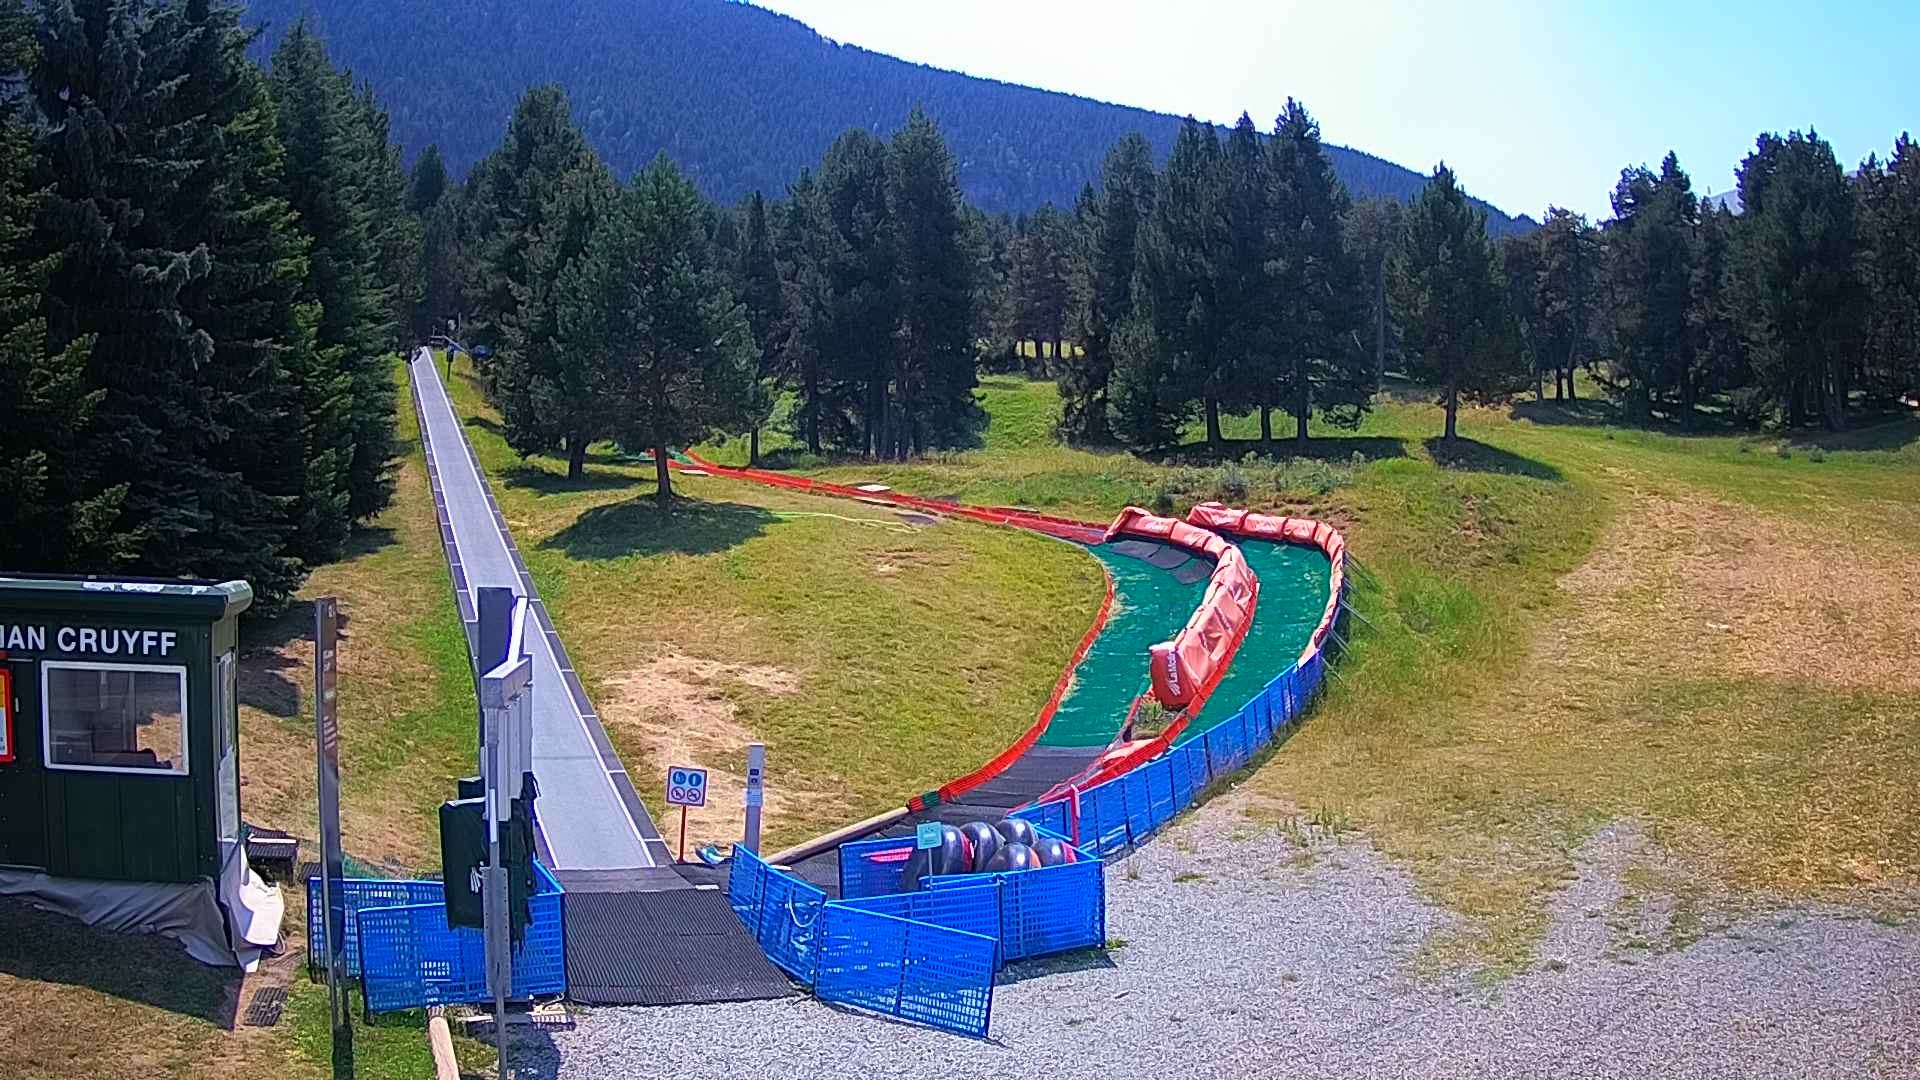 Skiline - General info about ski resort La Molina Ski Resort